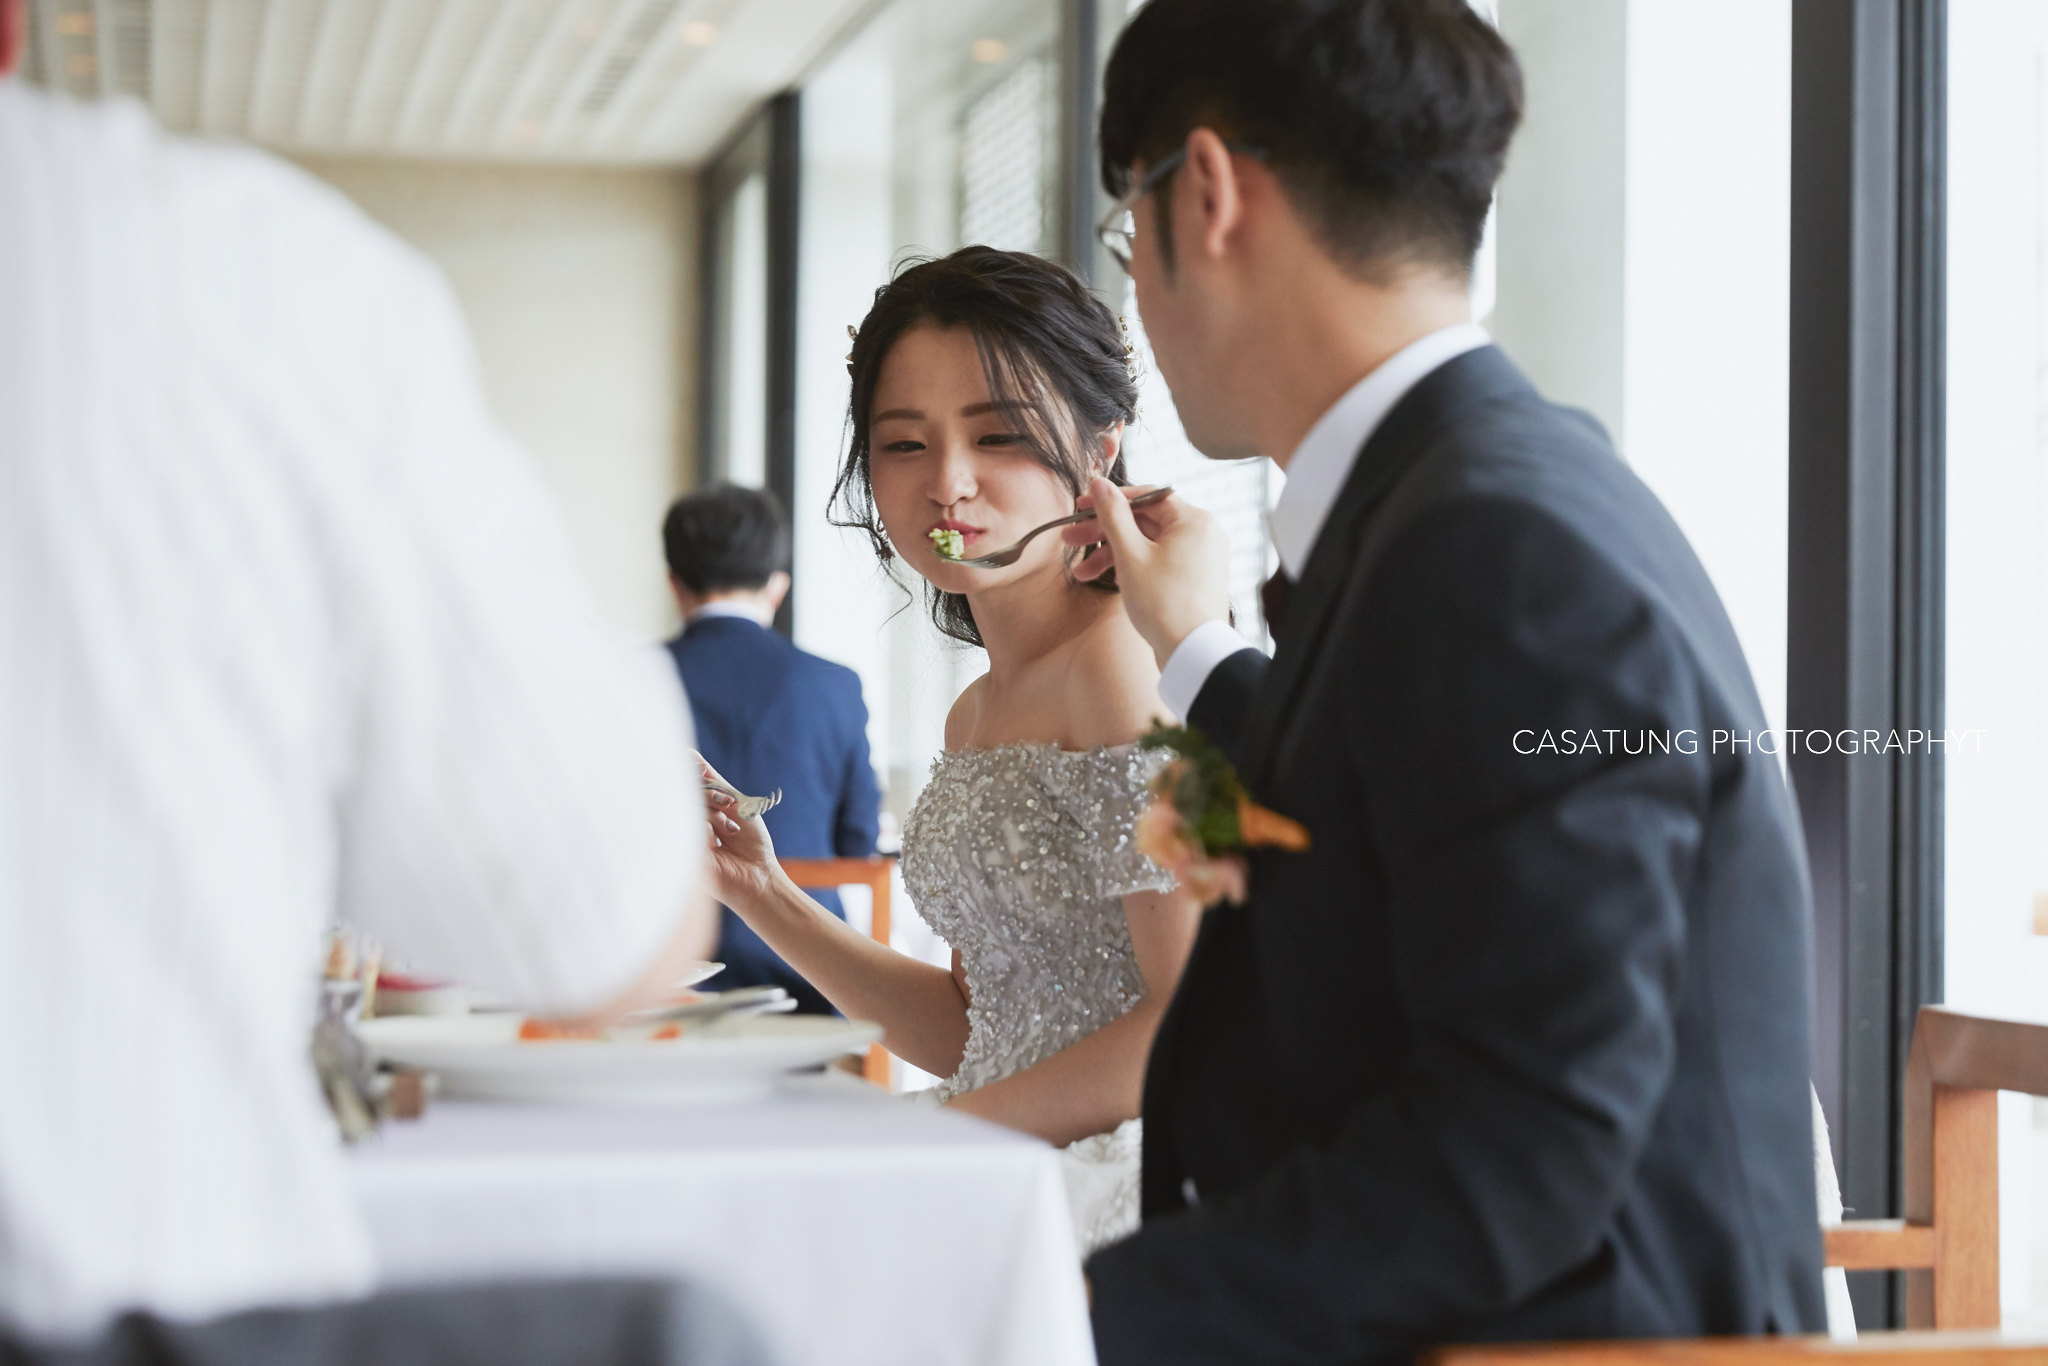 日月潭婚禮, 台中婚攝, 婚禮紀錄, 婚攝推薦, 涵碧樓婚禮, casa, casatung.台中婚攝casa-94